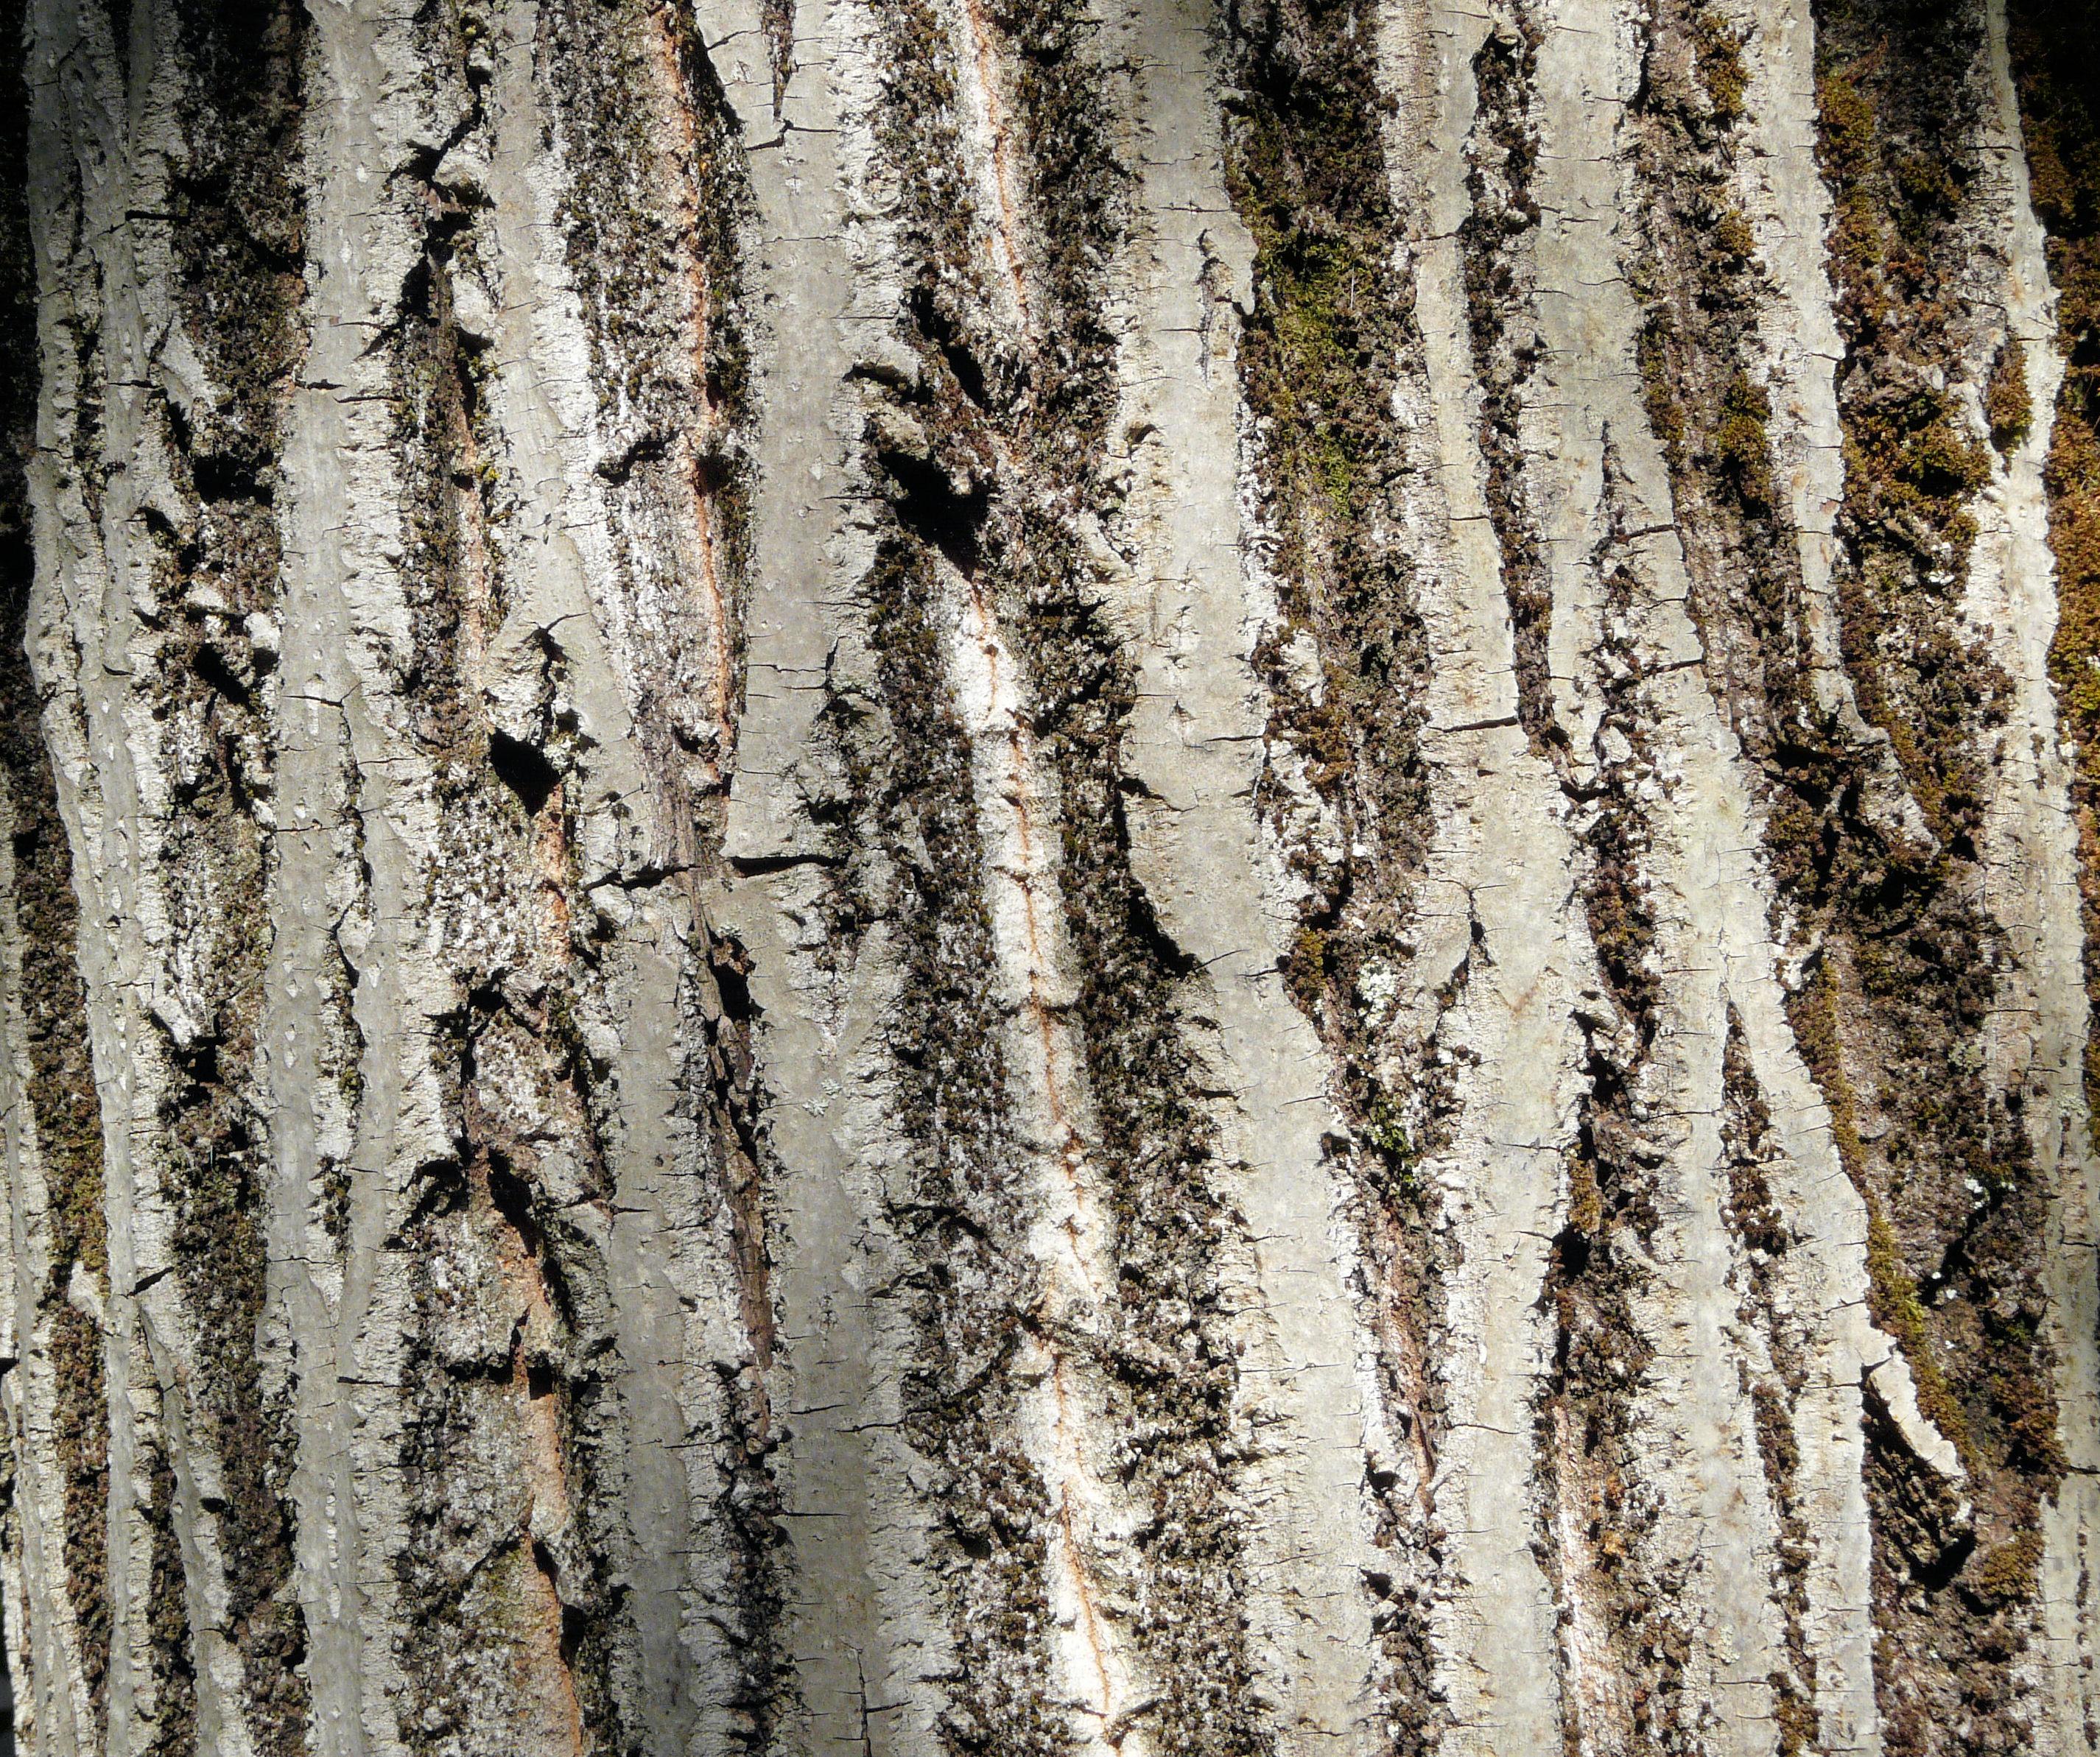 © Dipartimento di Scienze della Vita, Università degli Studi di Trieste<br>by Andrea Moro<br>Città di Lucca, Orto Botanico Comunale., LU, Toscana, Italia, 18/09/2008<br>Distributed under CC-BY-SA 4.0 license.